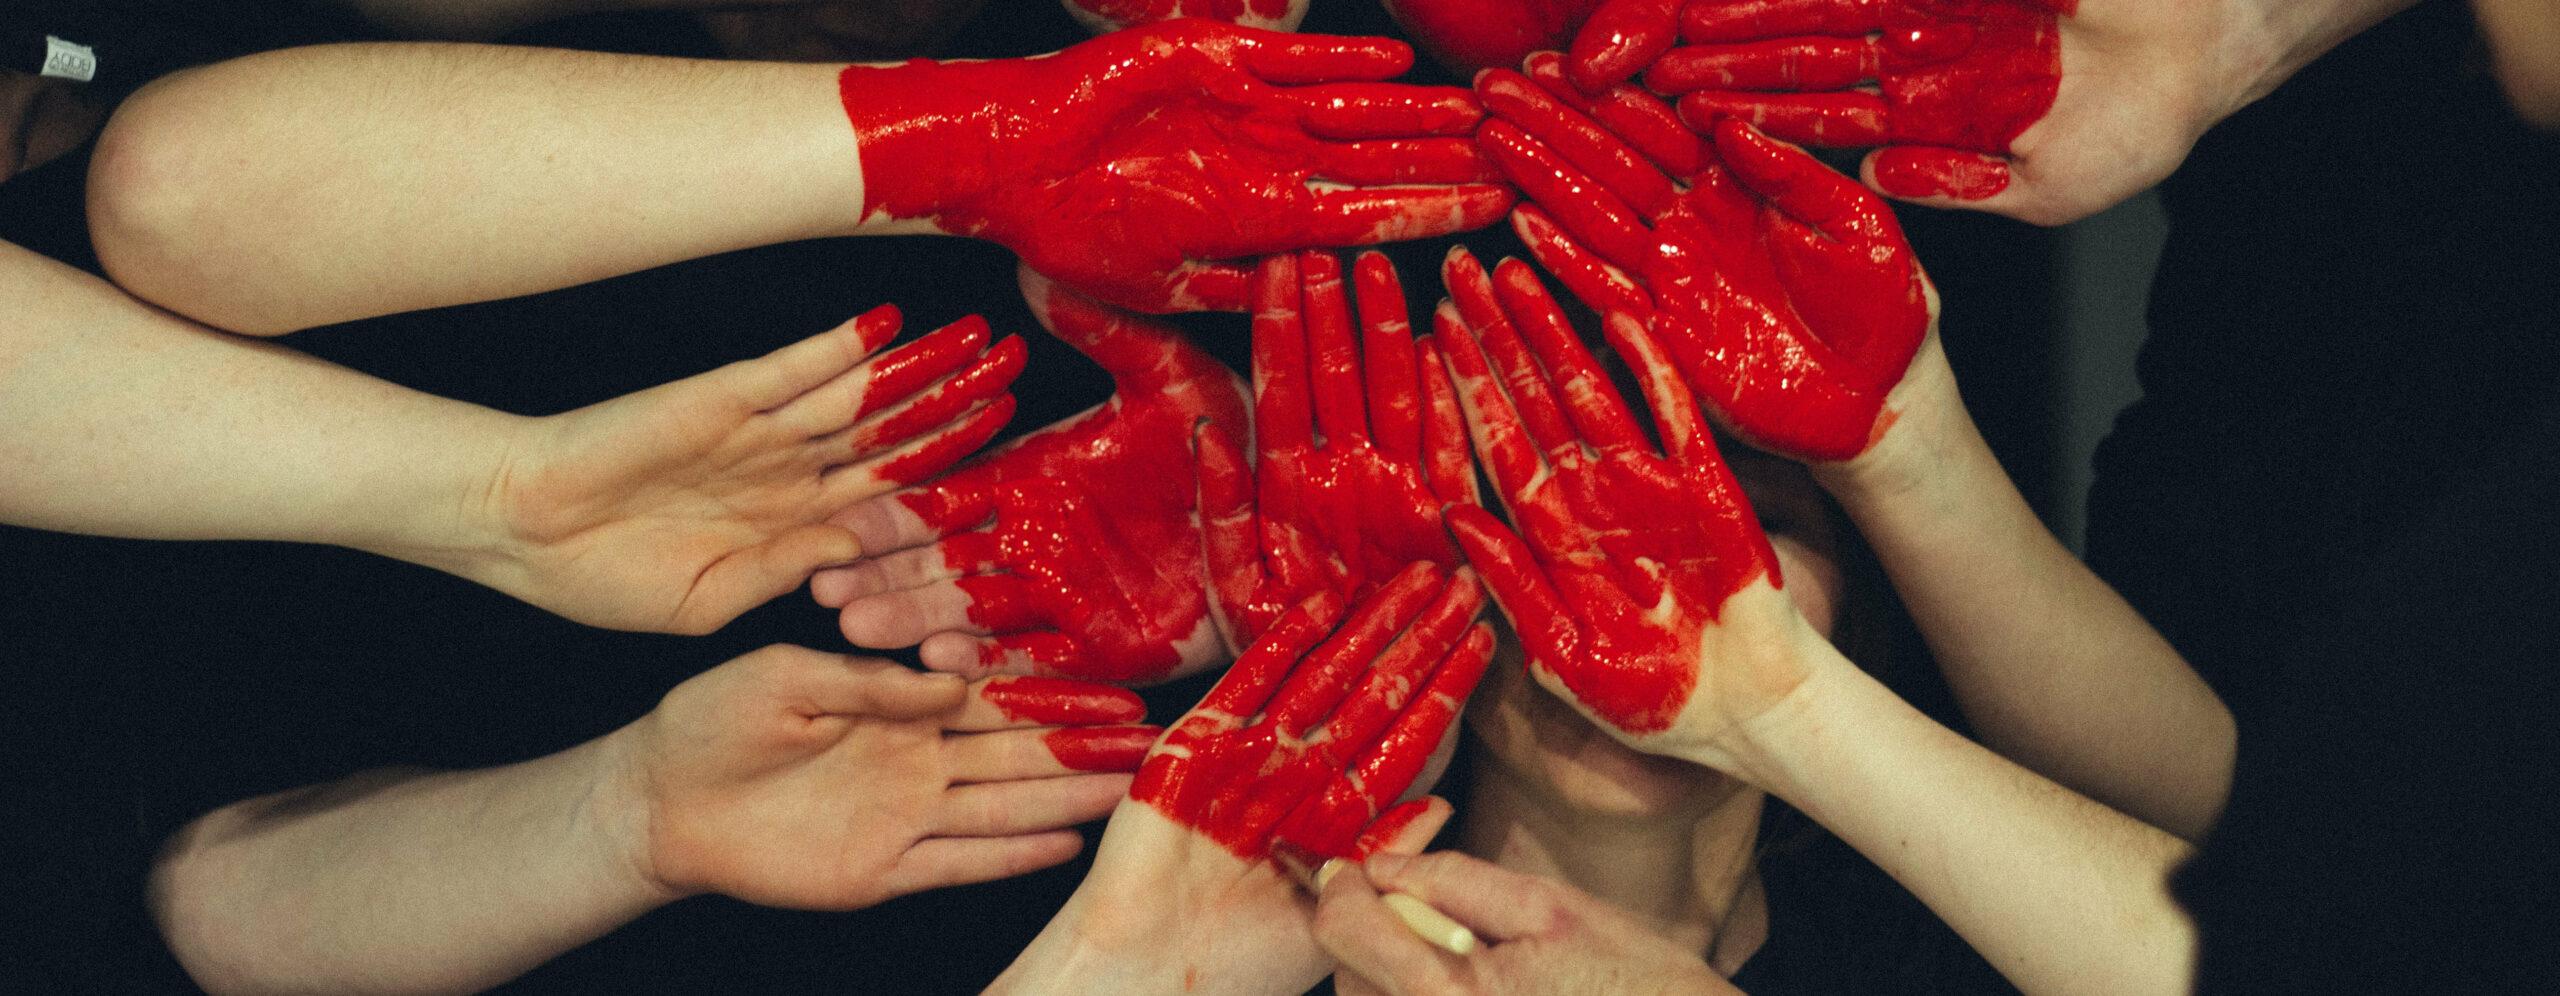 Viele Handflächen mit roter Farbe bedeckt